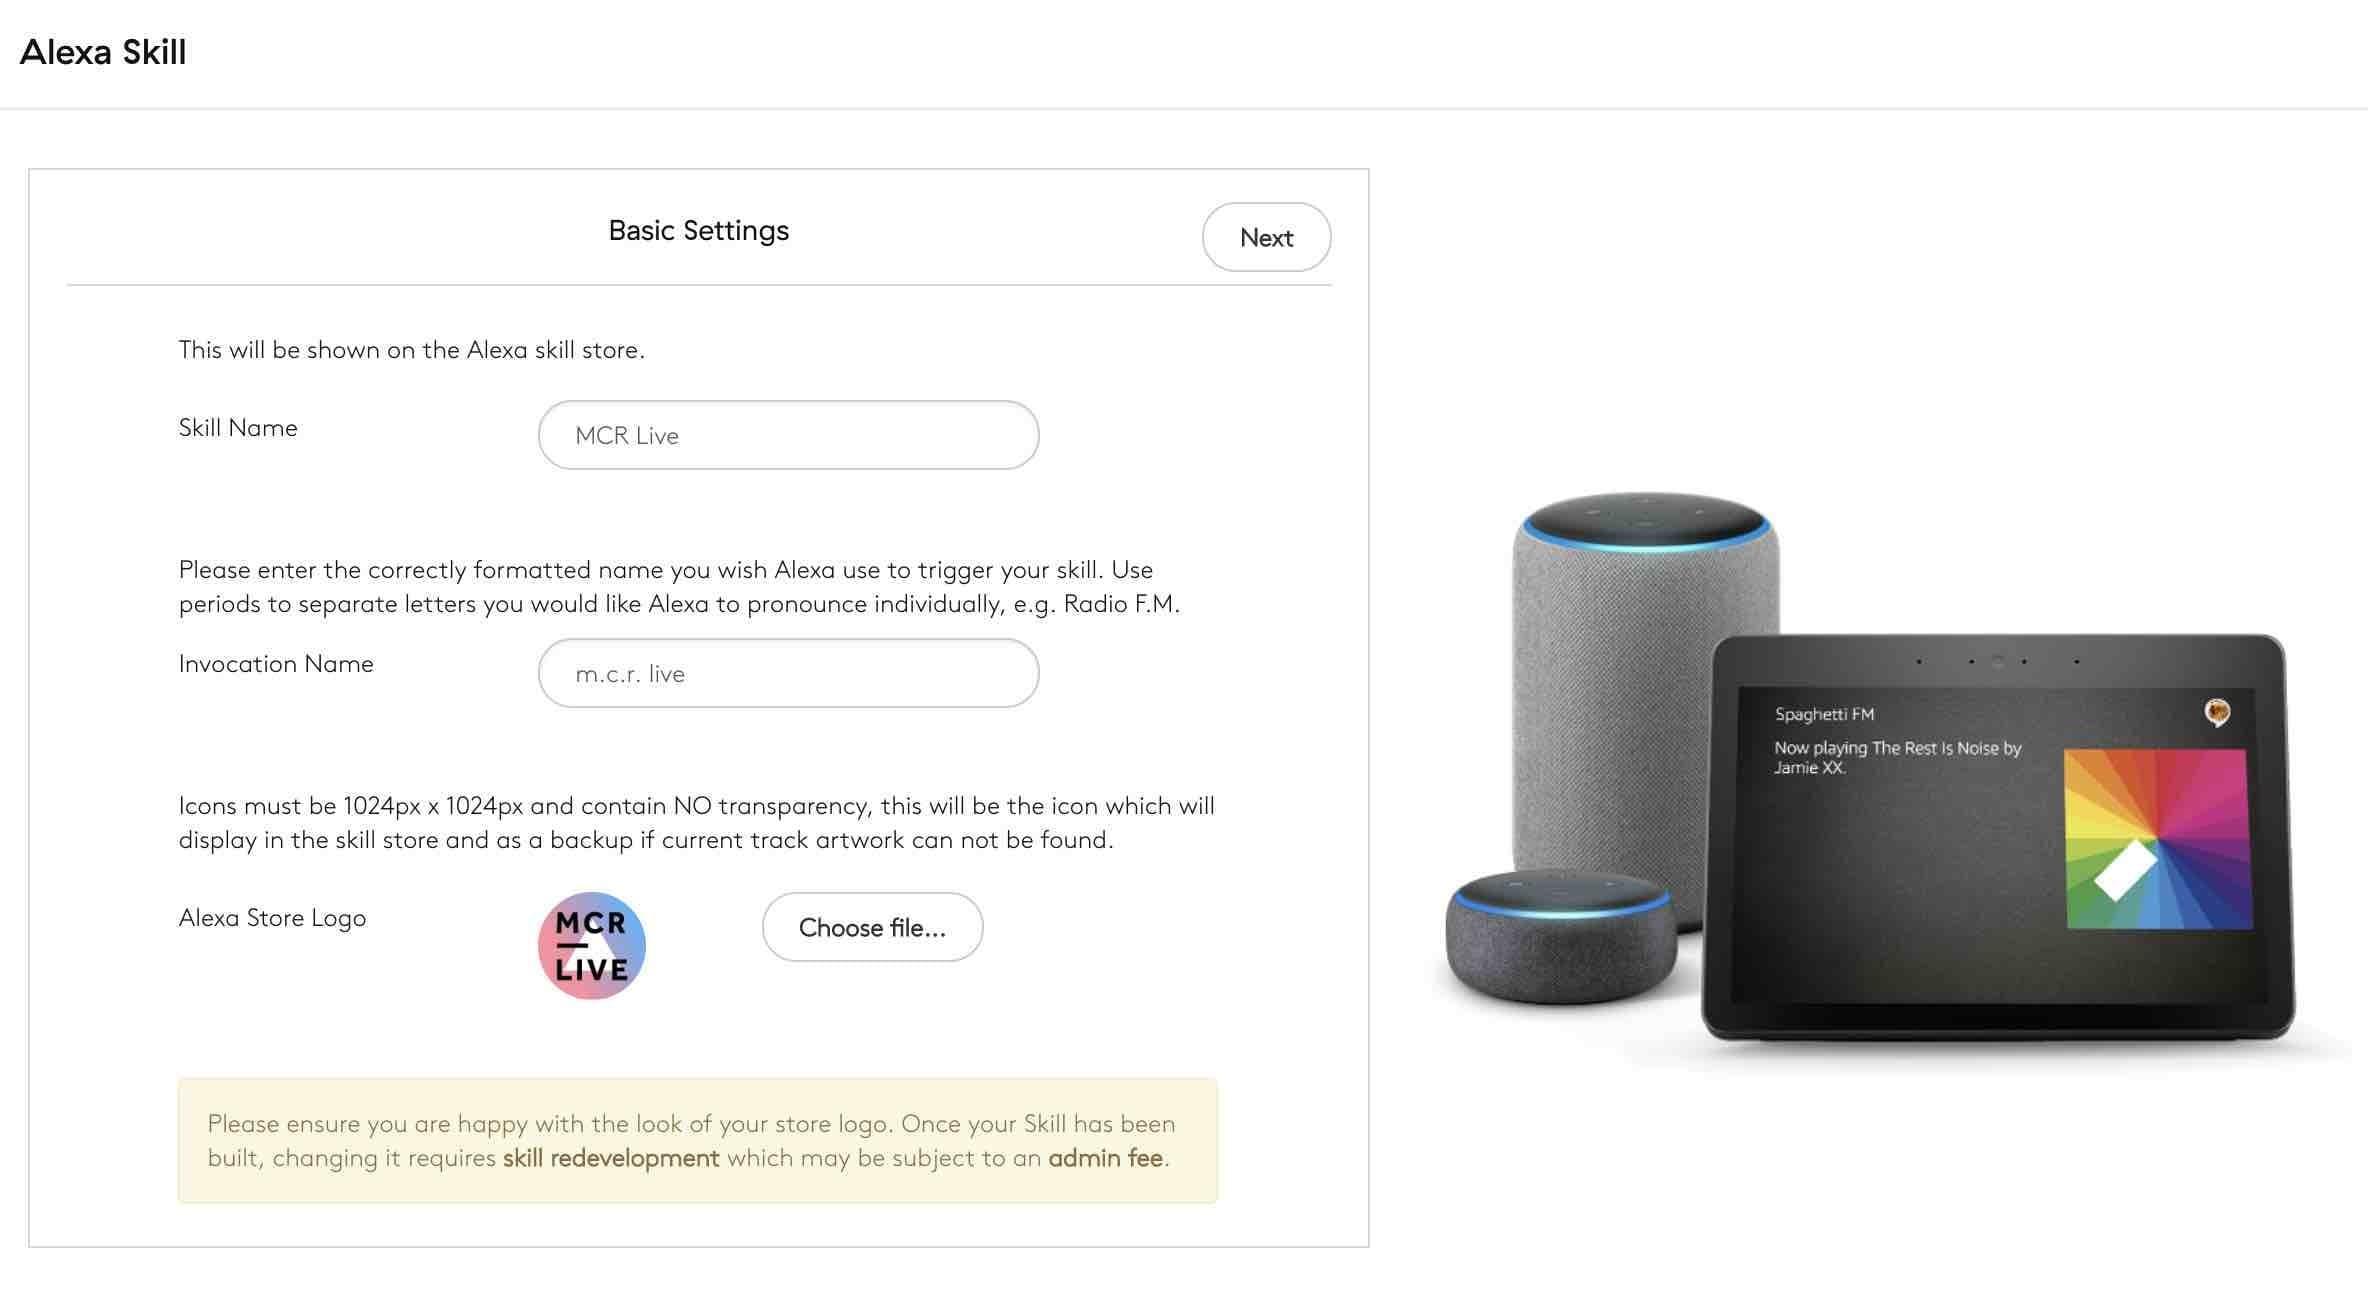 Amazon Alexa Skill Step 3